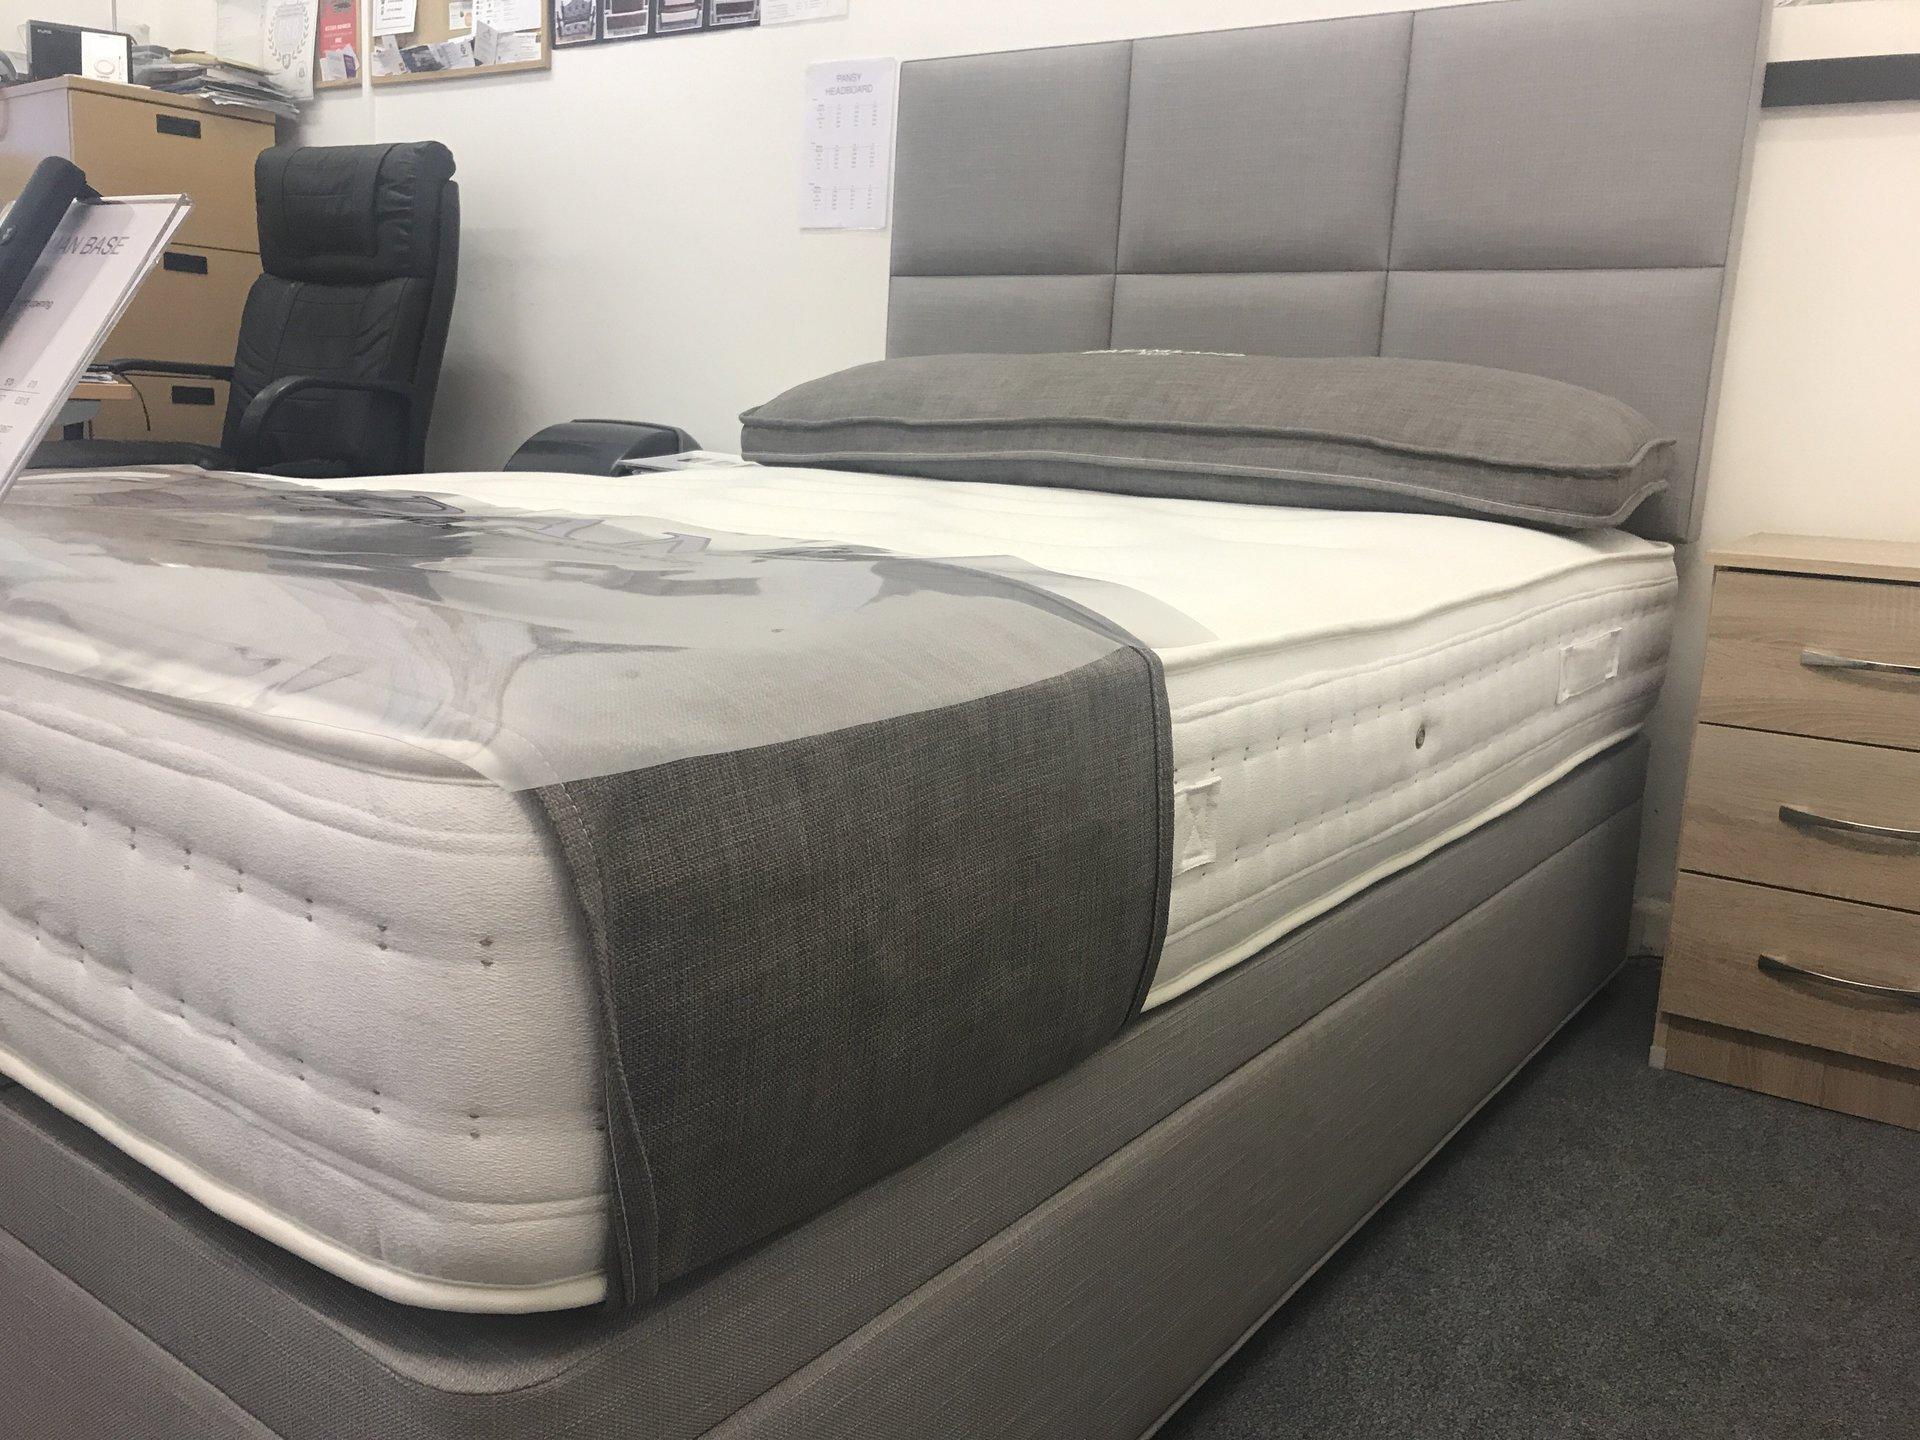 Aviemore Mattress & Divan Bed